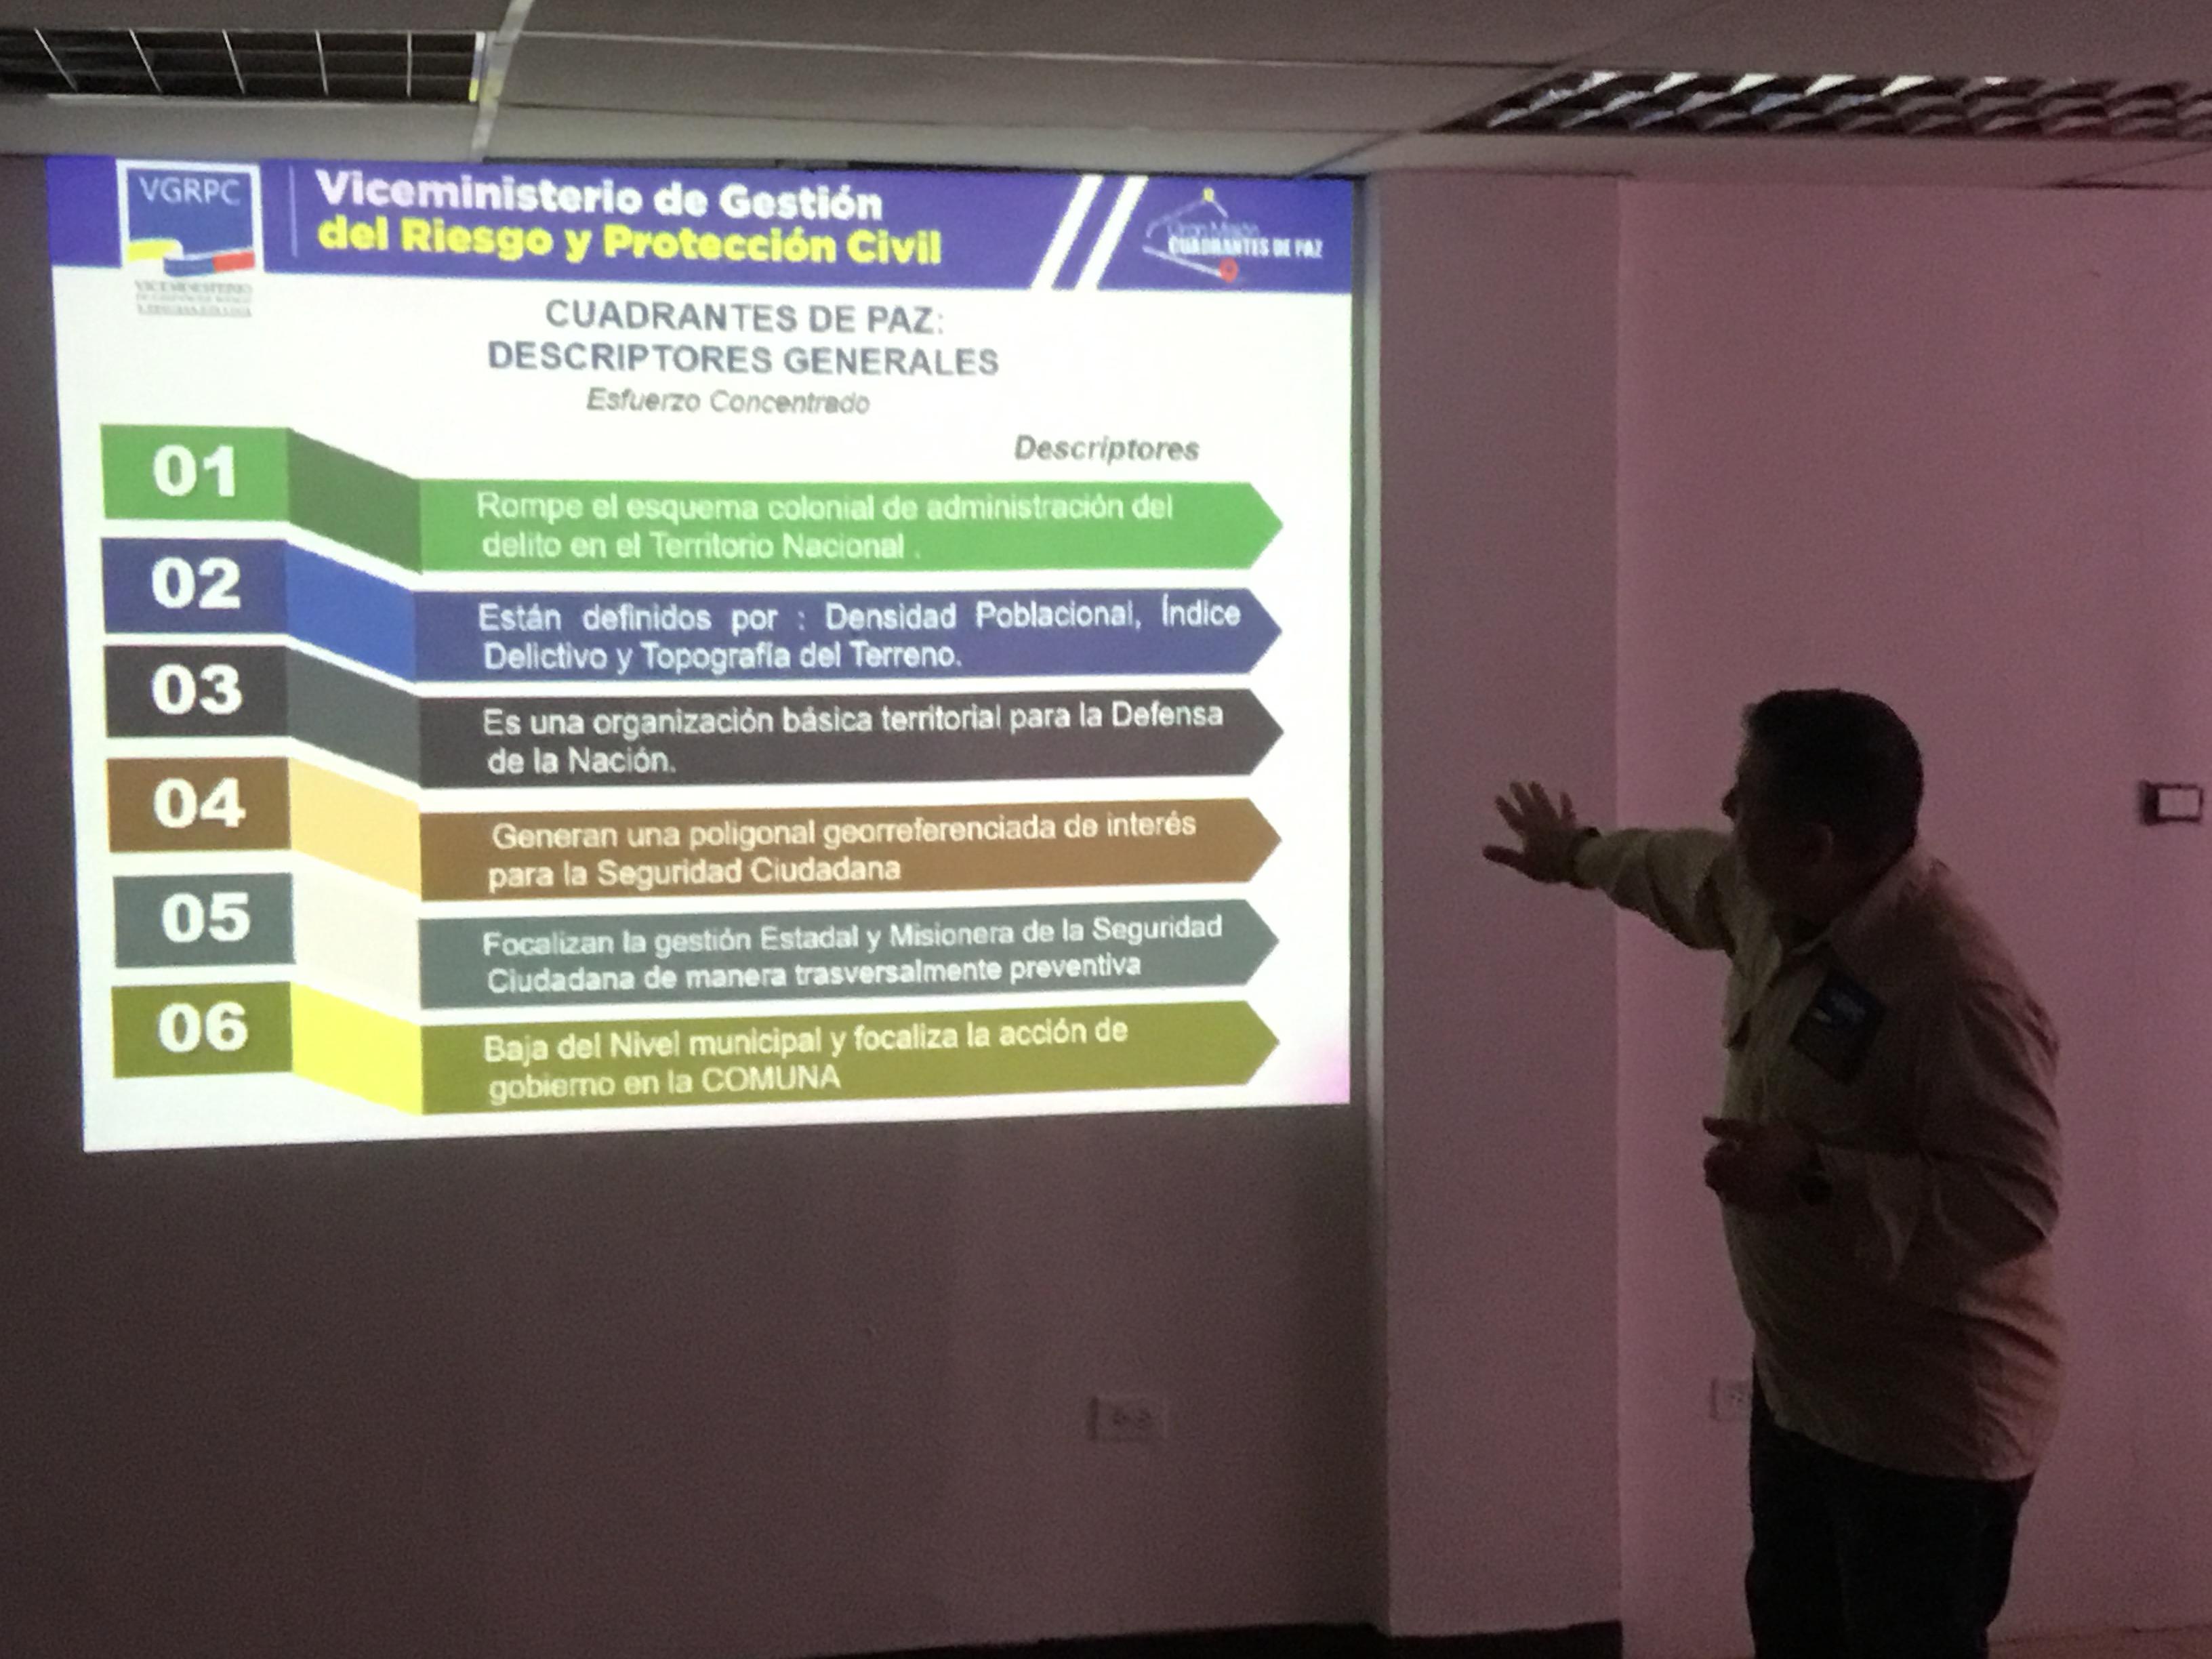 Sistema Nacional de Gestión de Riesgo establece alianzas con Min-Salud (5)